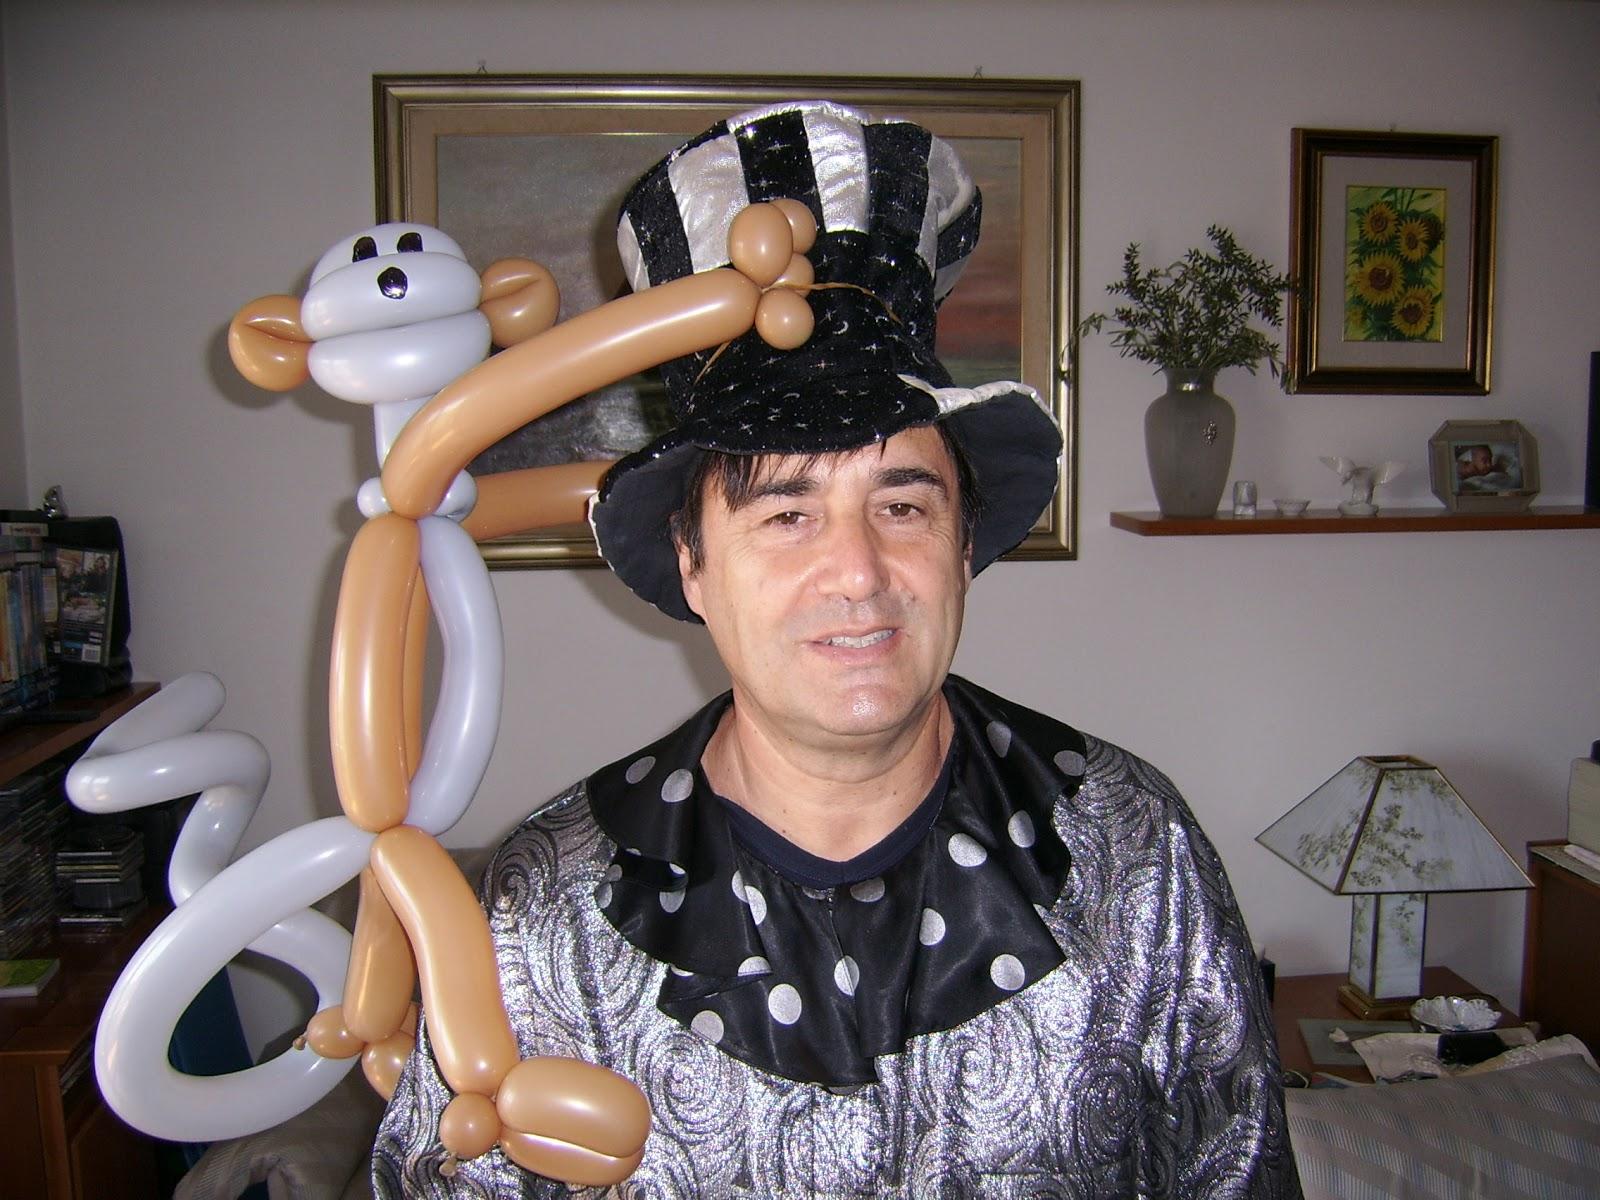 Claudio il Mago dei Palloncini: Animazione a feste di compleanno